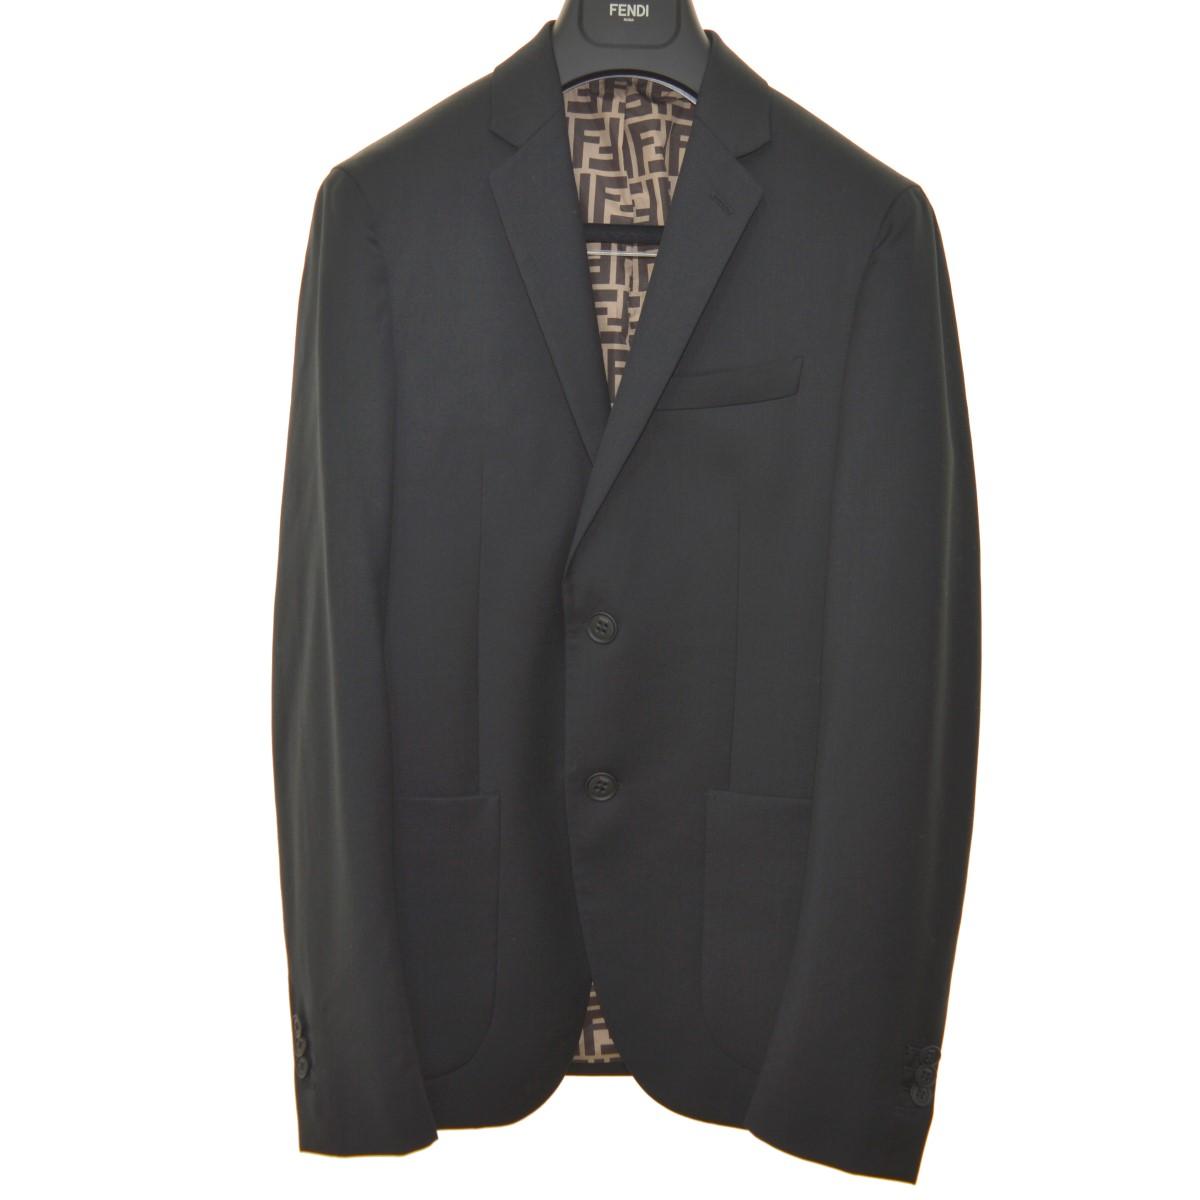 【中古】FENDI 2Bテーラードジャケット ブラック サイズ:44 【060420】(フェンディ)